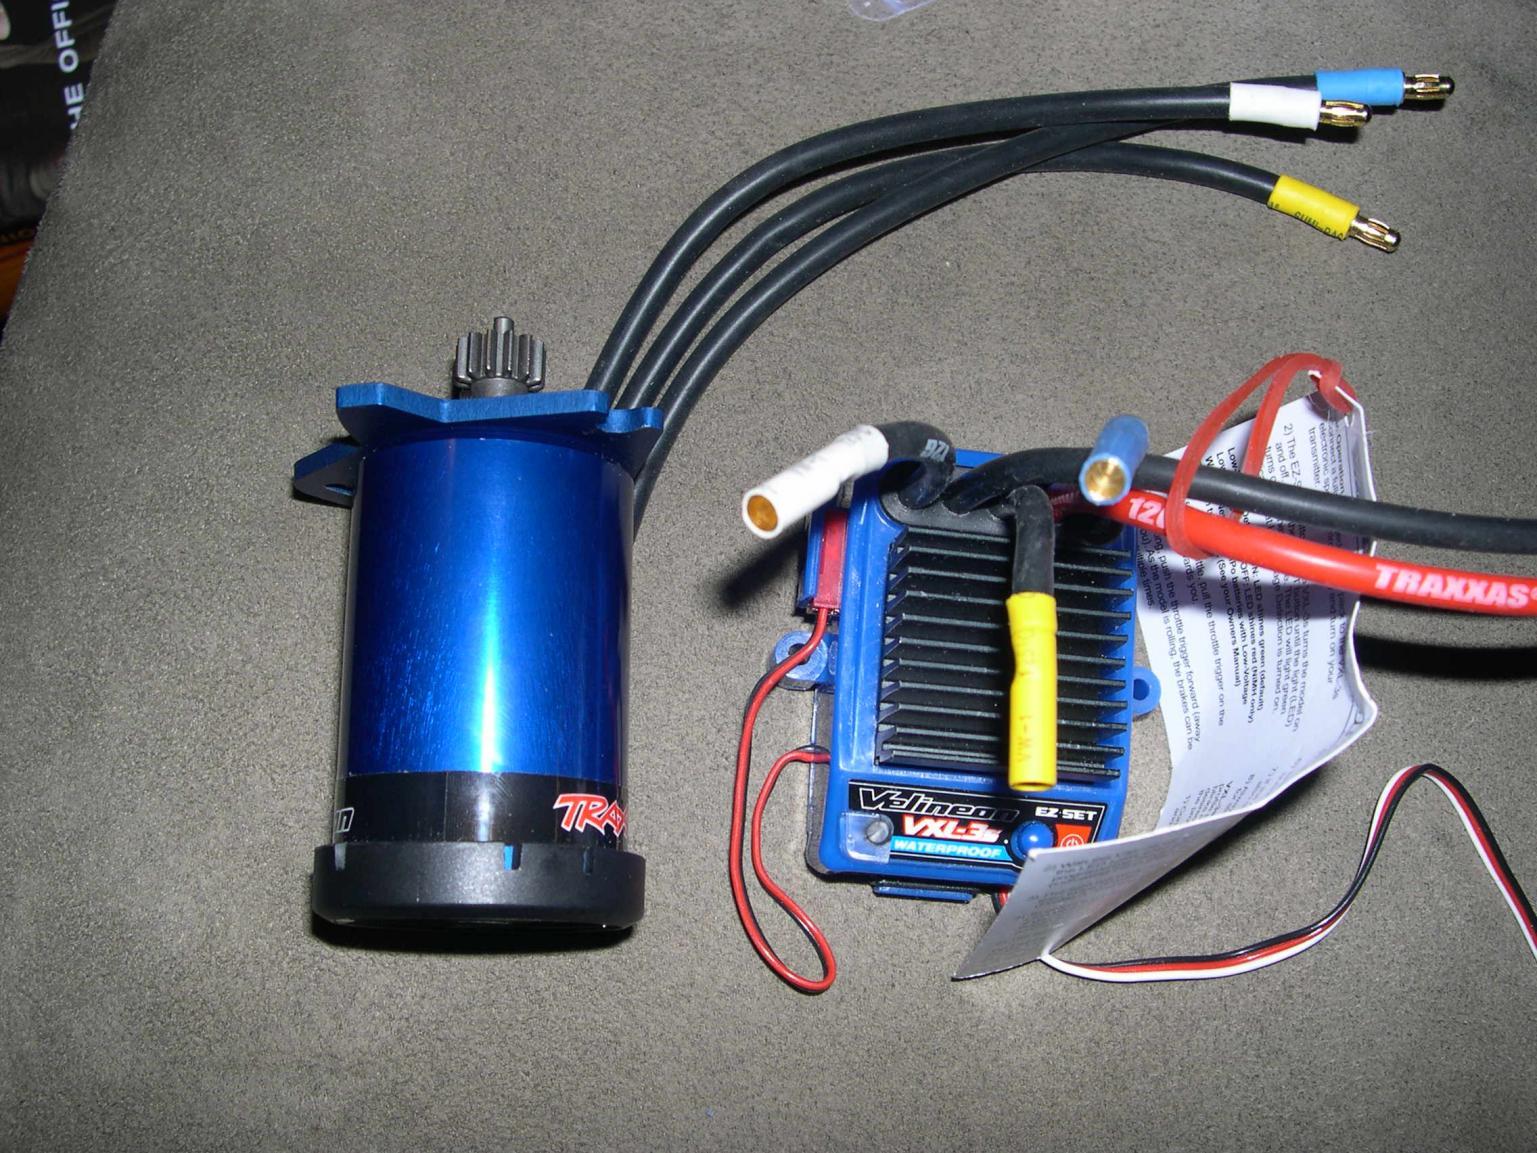 Brushless Vxl 3s Ecs And Motor And Novak 10t Bl Motor R